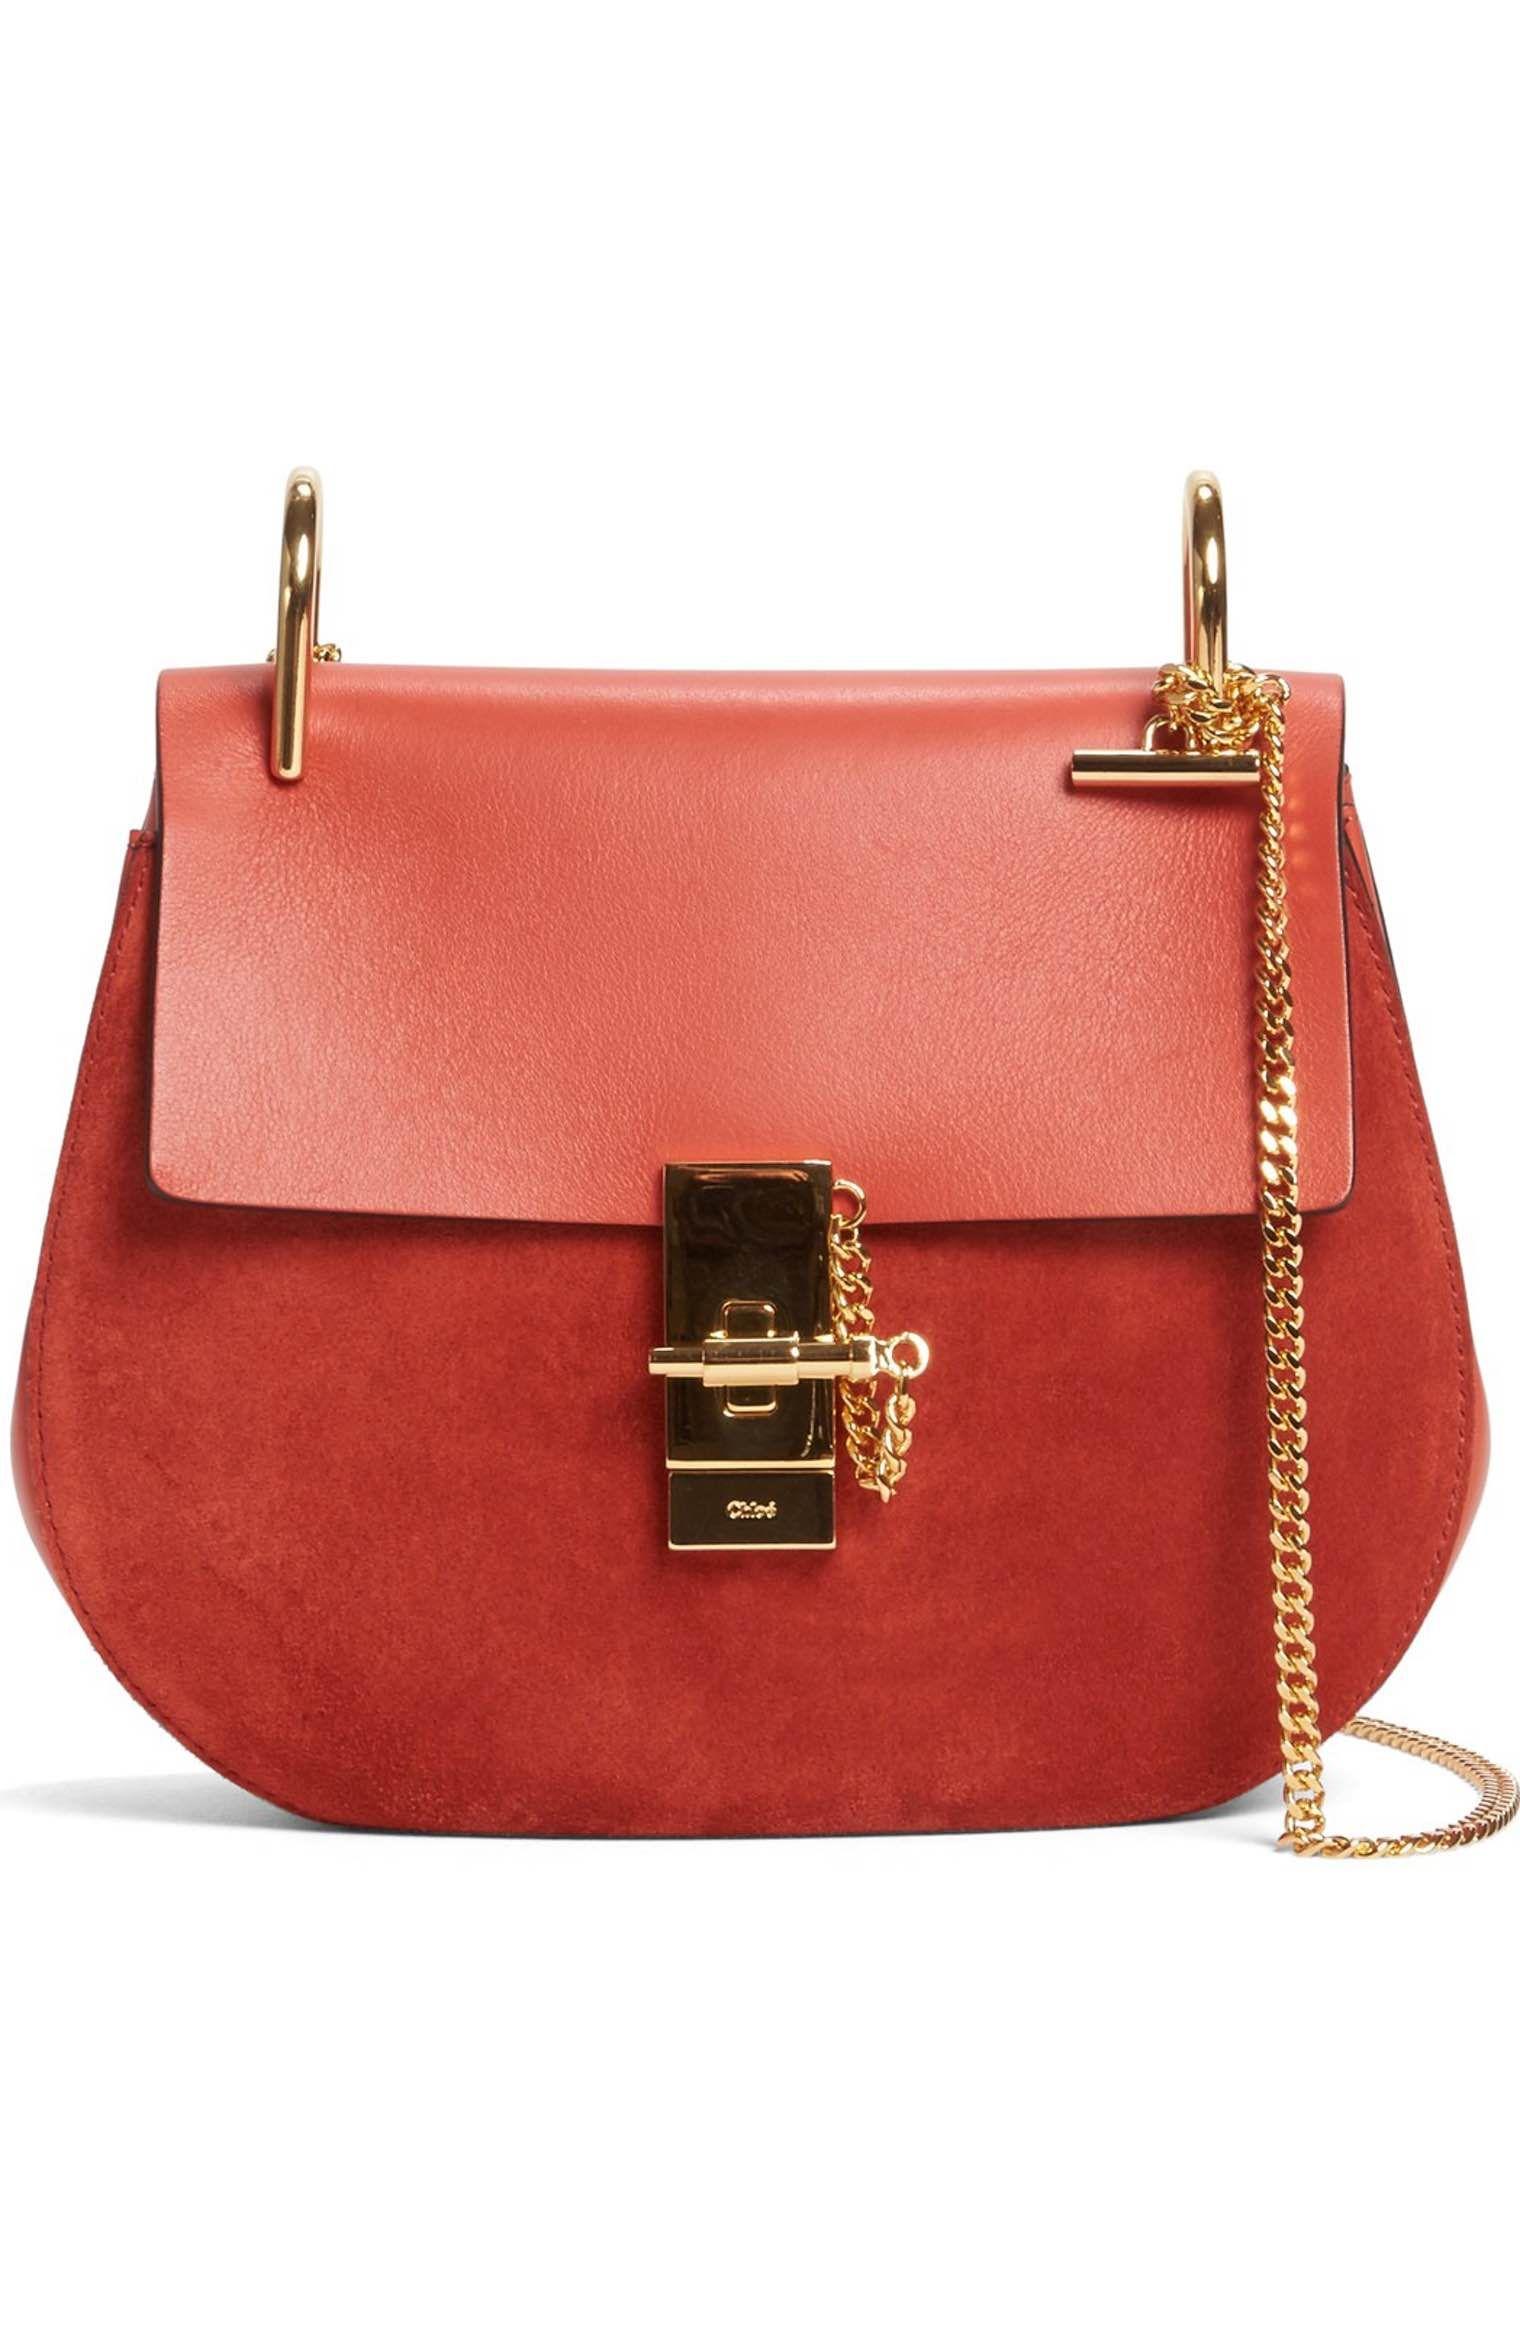 8c67915c13 Main Image - Chloé 'Mini Drew' Leather Crossbody Bag Sacs À Bandoulière  Rouge,